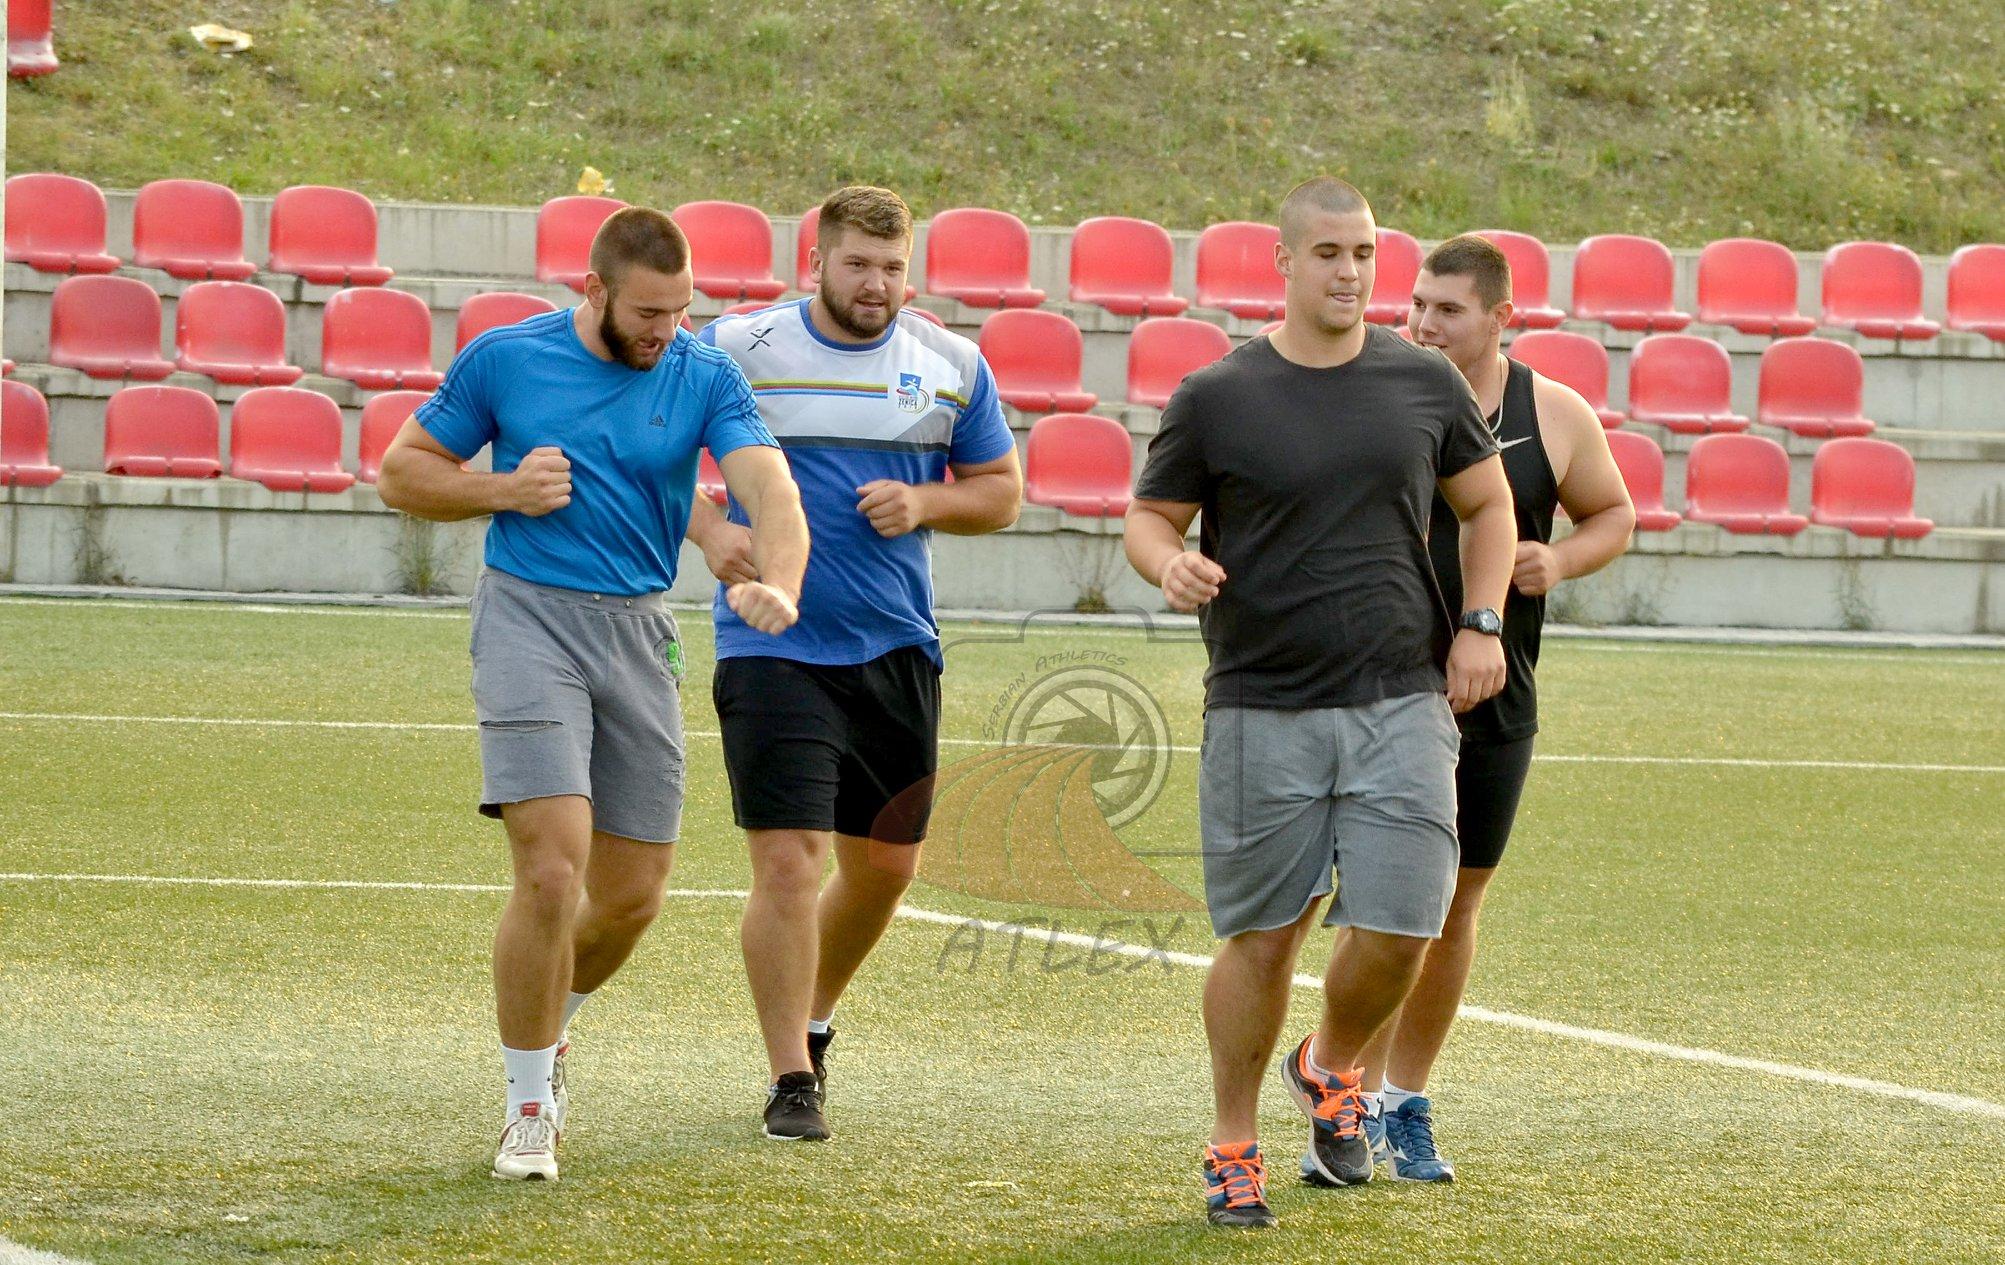 Bacači kugle Bogdan Zdravković, Armin Sinančević, Veljko Nedeljković, i Ivan Garaj - Prvenstvo Srbije 2019